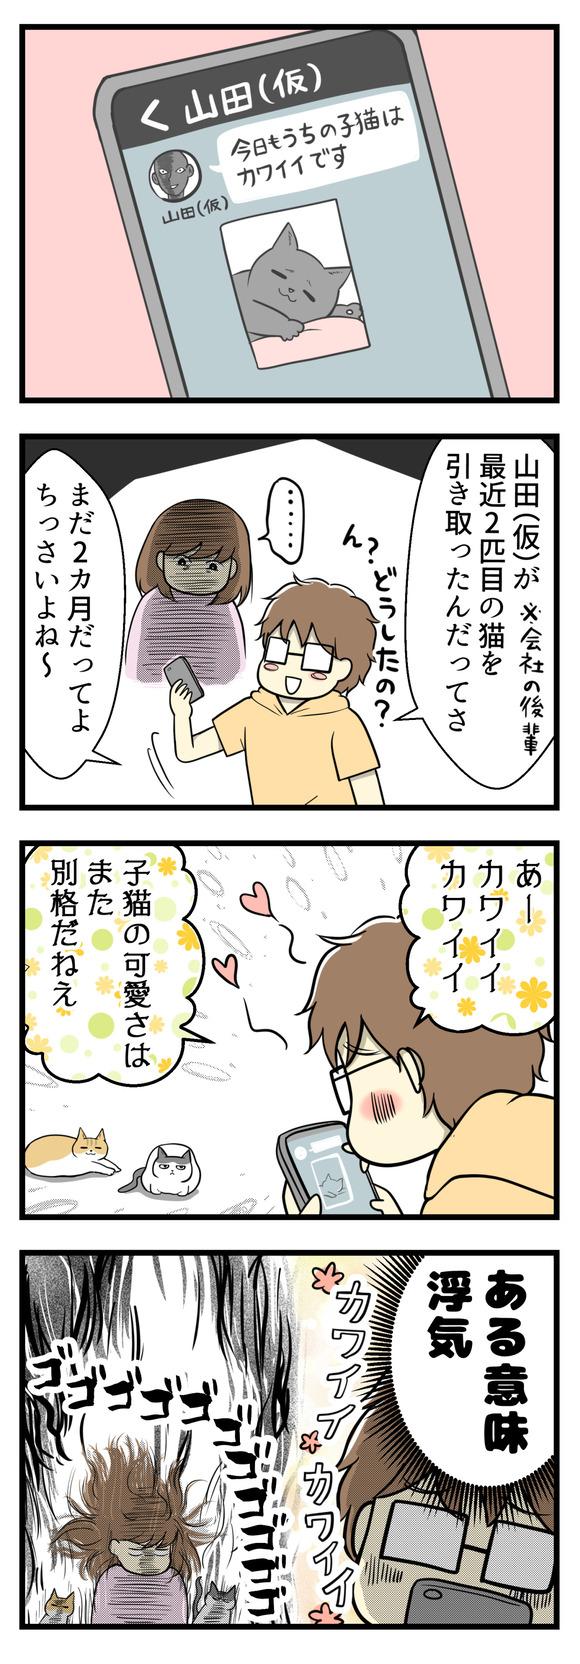 と思ってスマホを覗いたら夫の会社の同僚山田(仮)とのLINEでした。山田さんは最近2匹目となる子猫を迎えたんだそうです。その送られてきた子猫の写真を見て夫はニヤニヤしていたのでした。「ああカワイイカワイイ!子猫の可愛さは別格だねえ」とやたら褒めまくっていて、それはそれである意味浮気・・・!!